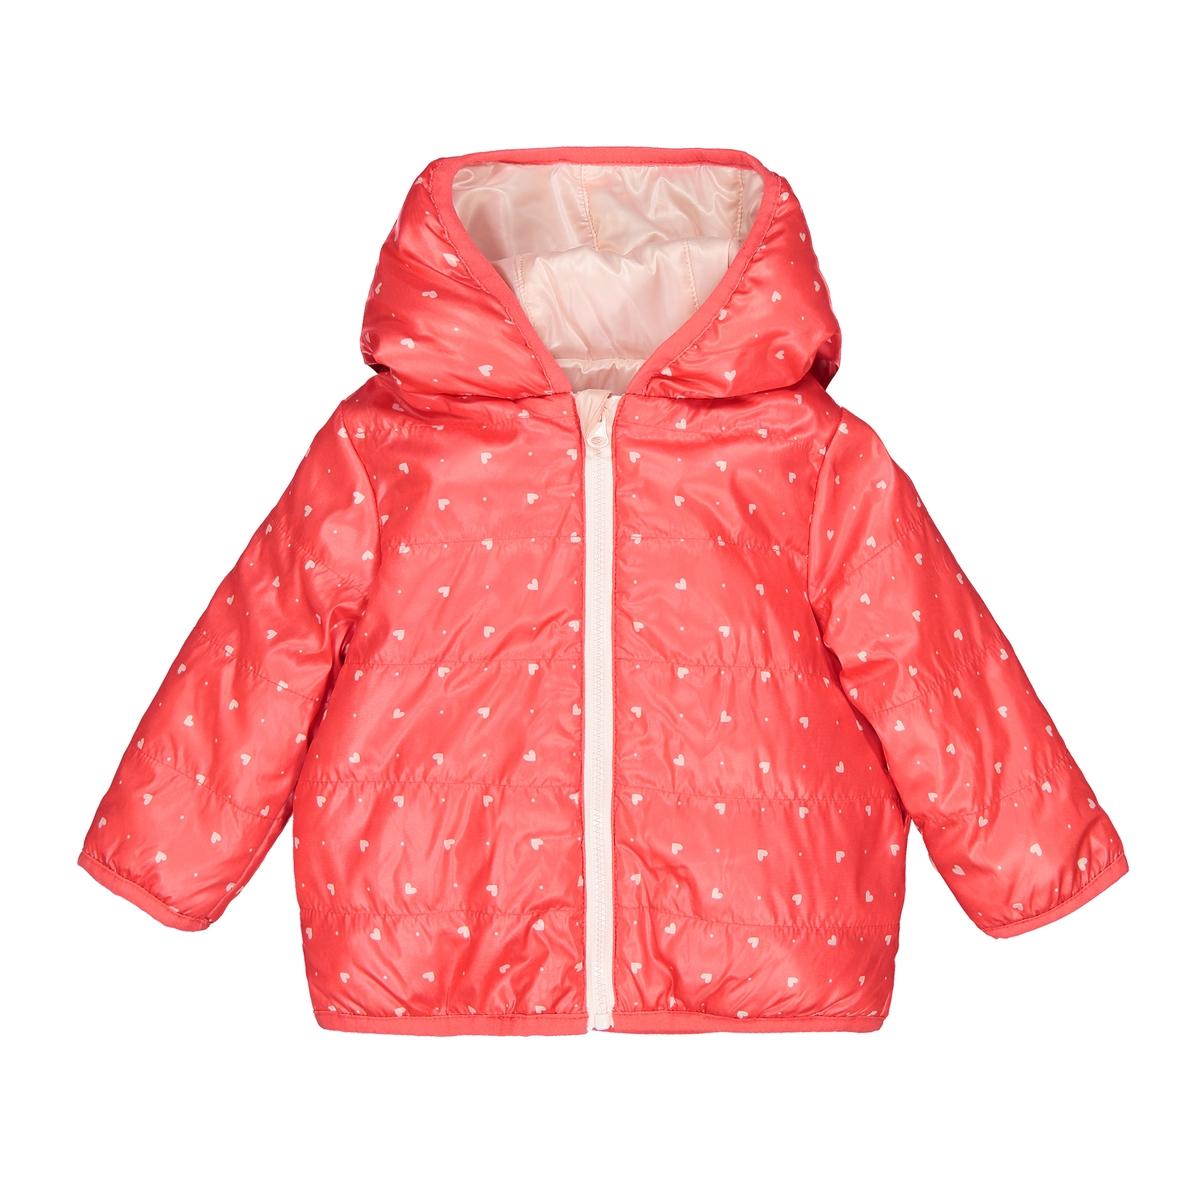 цена Куртка La Redoute Двусторонняя с капюшоном мес - года 3 мес. - 60 см розовый онлайн в 2017 году